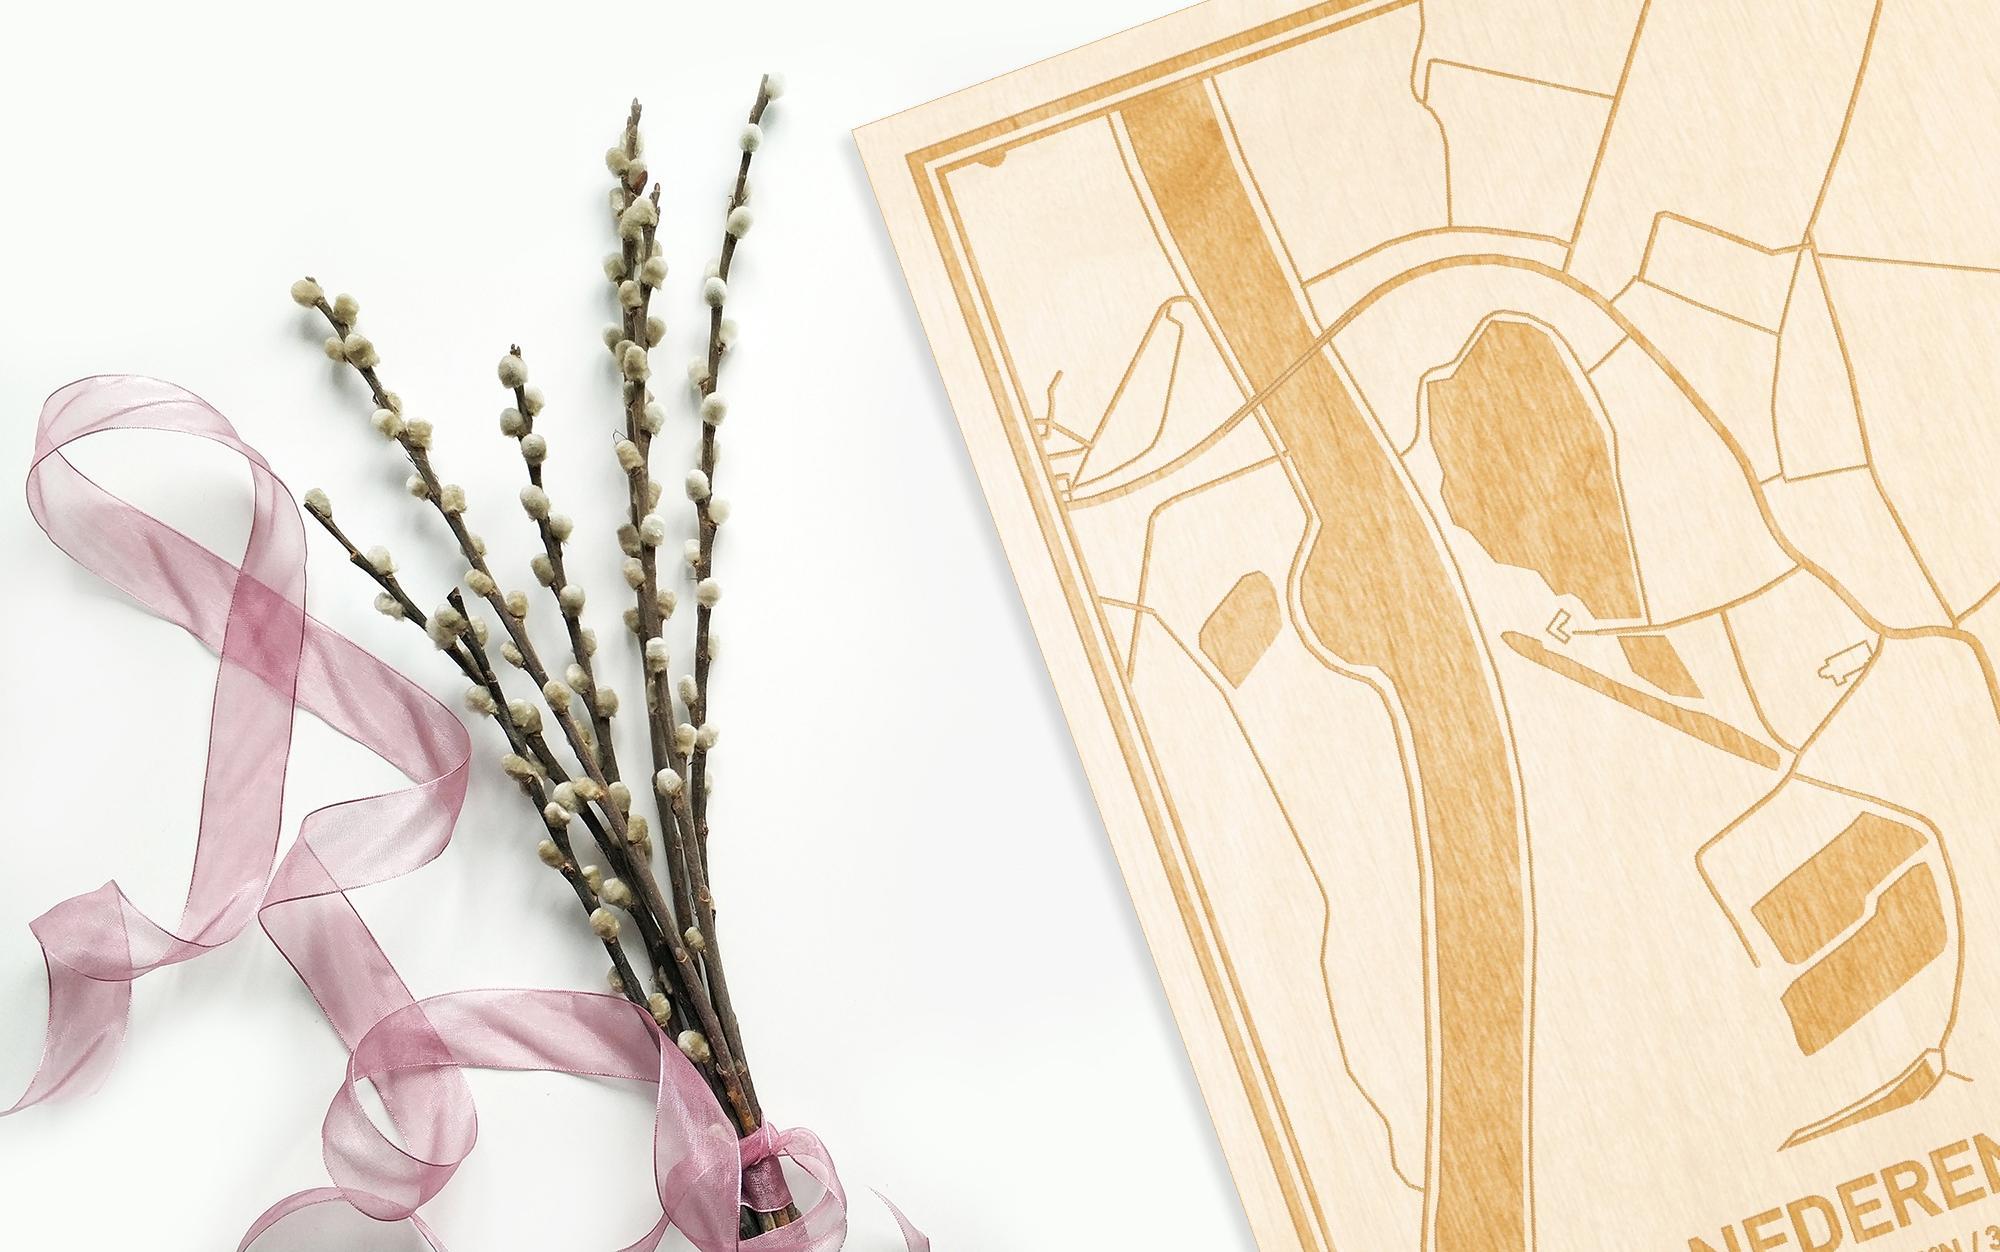 Hier ligt de houten plattegrond Nederename naast een bloemetje als gepersonaliseerd cadeau voor haar.